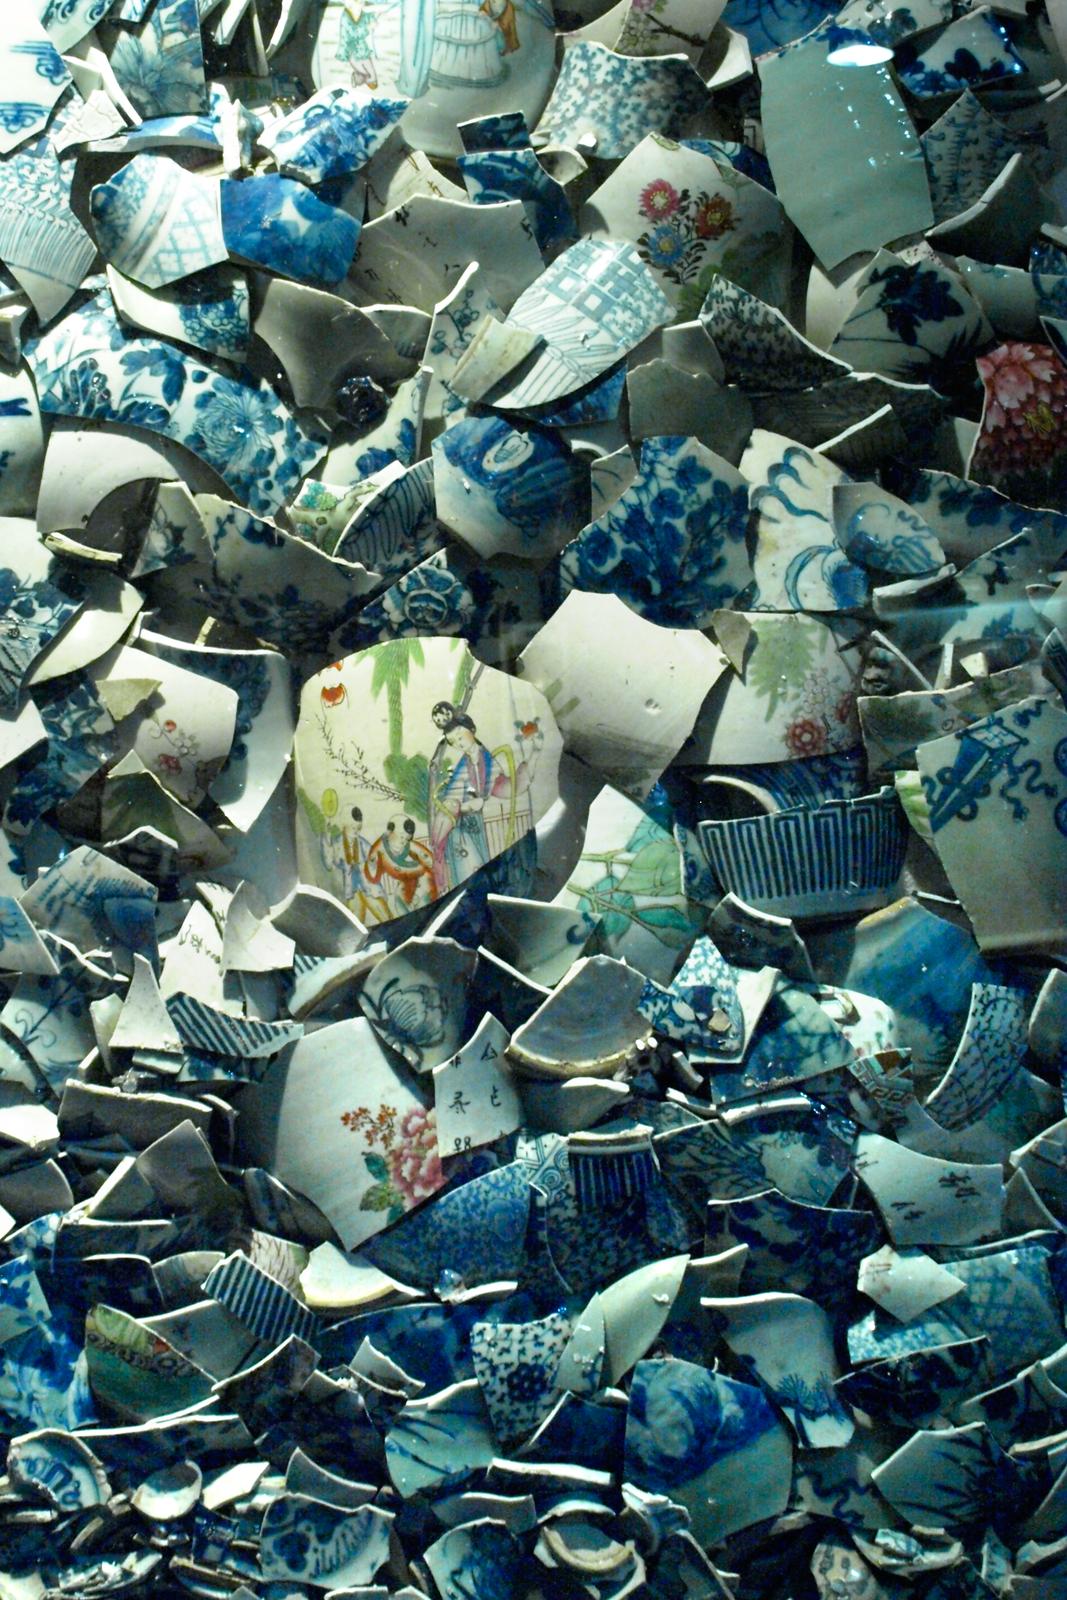 Zdjęcie stłuczonych przedmiotów zporcelany, celem jest pokazanie kruchości materiału